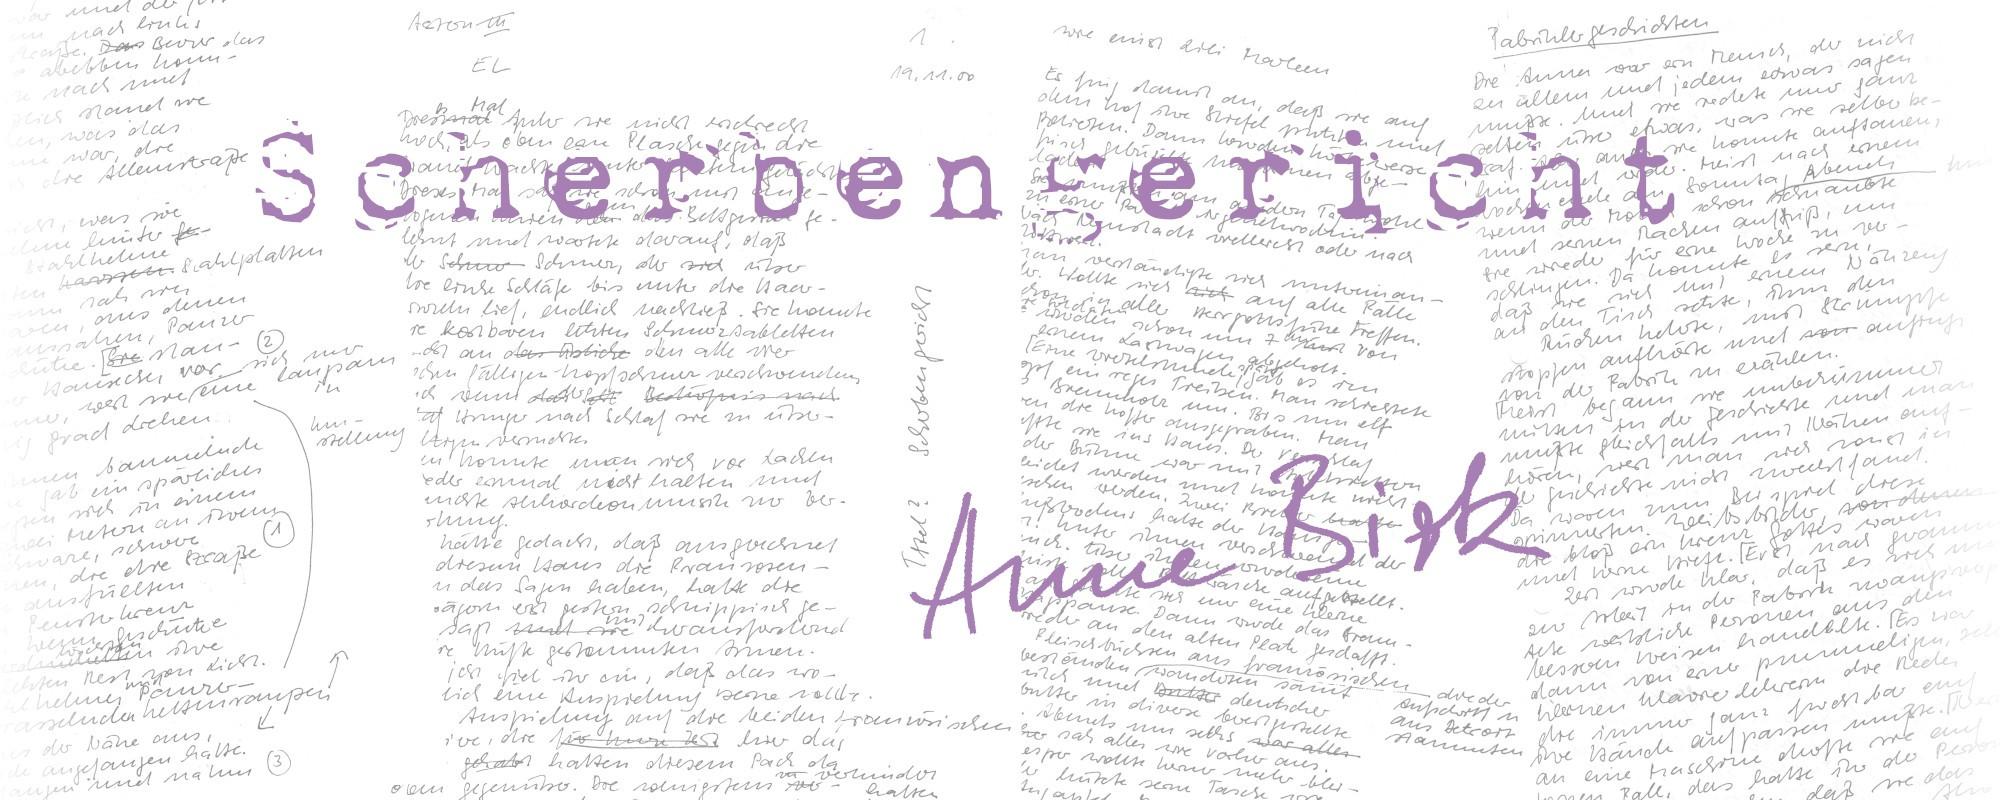 Anne-Birk-Scherbengericht-Schriftbild